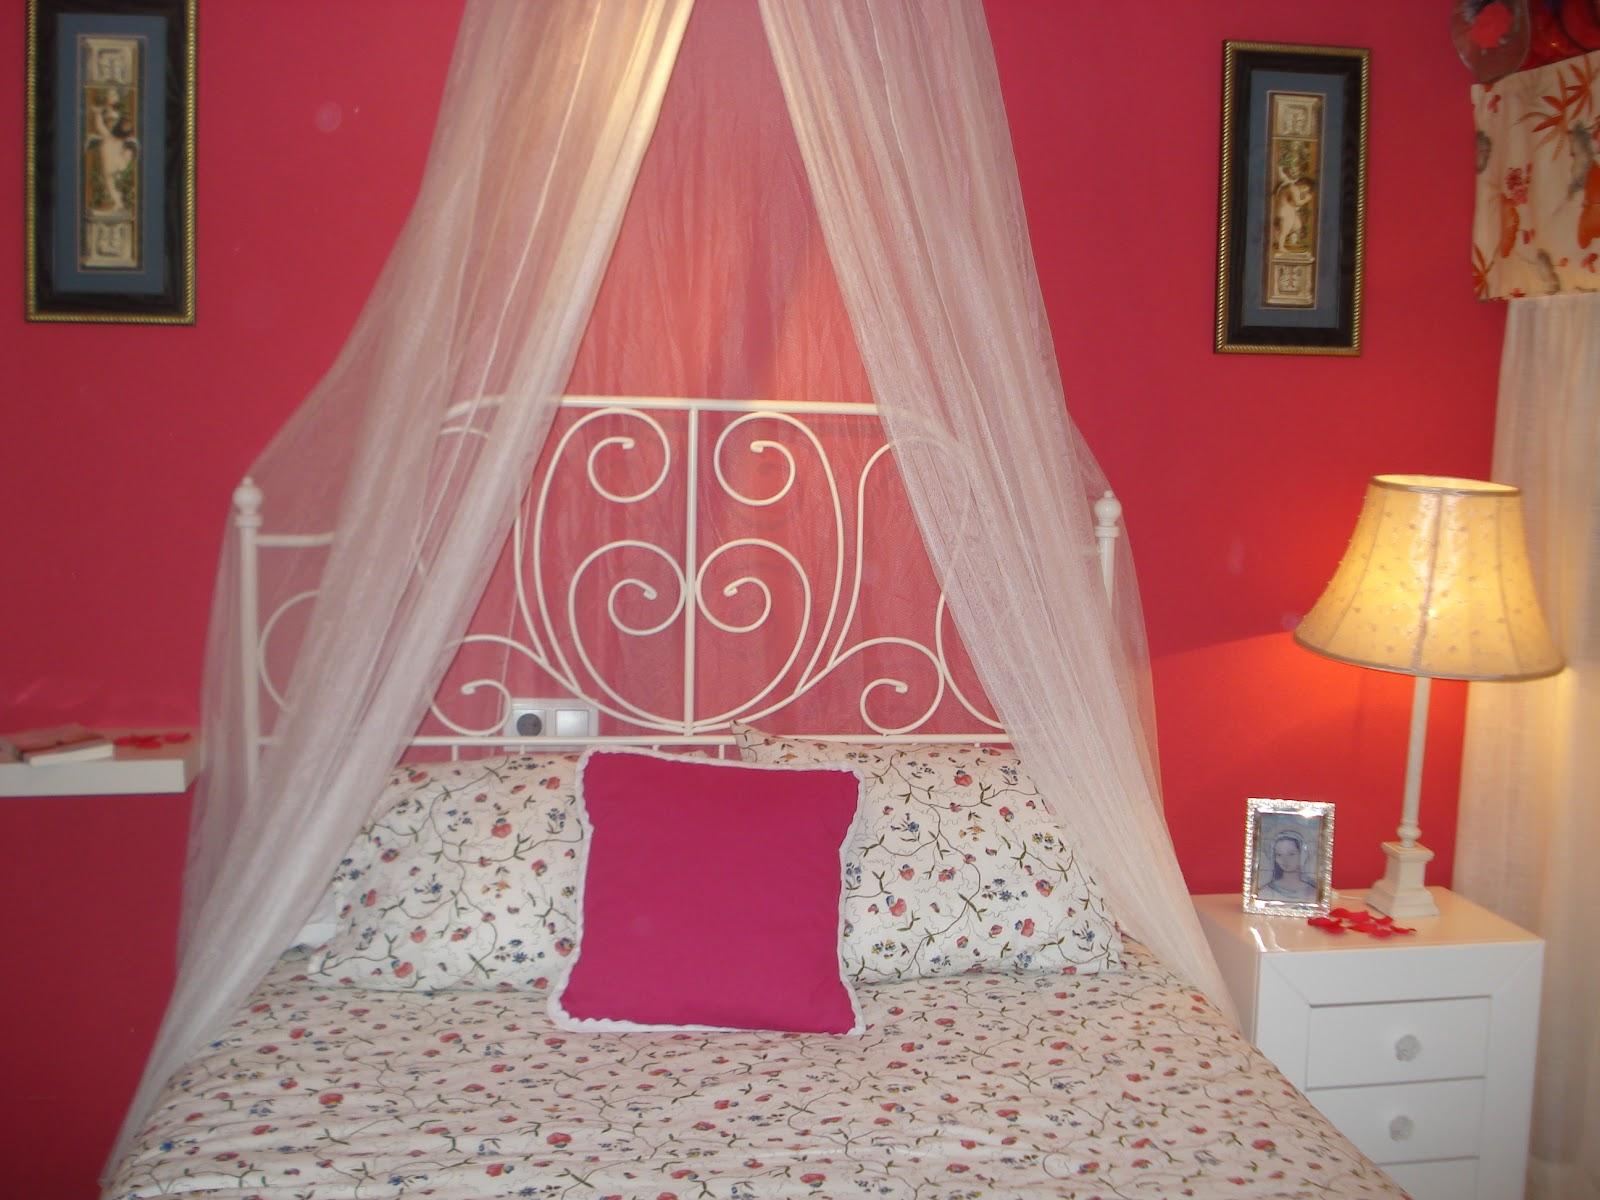 Las casas de pura dormitorio para chicas - Camas para chicas ...